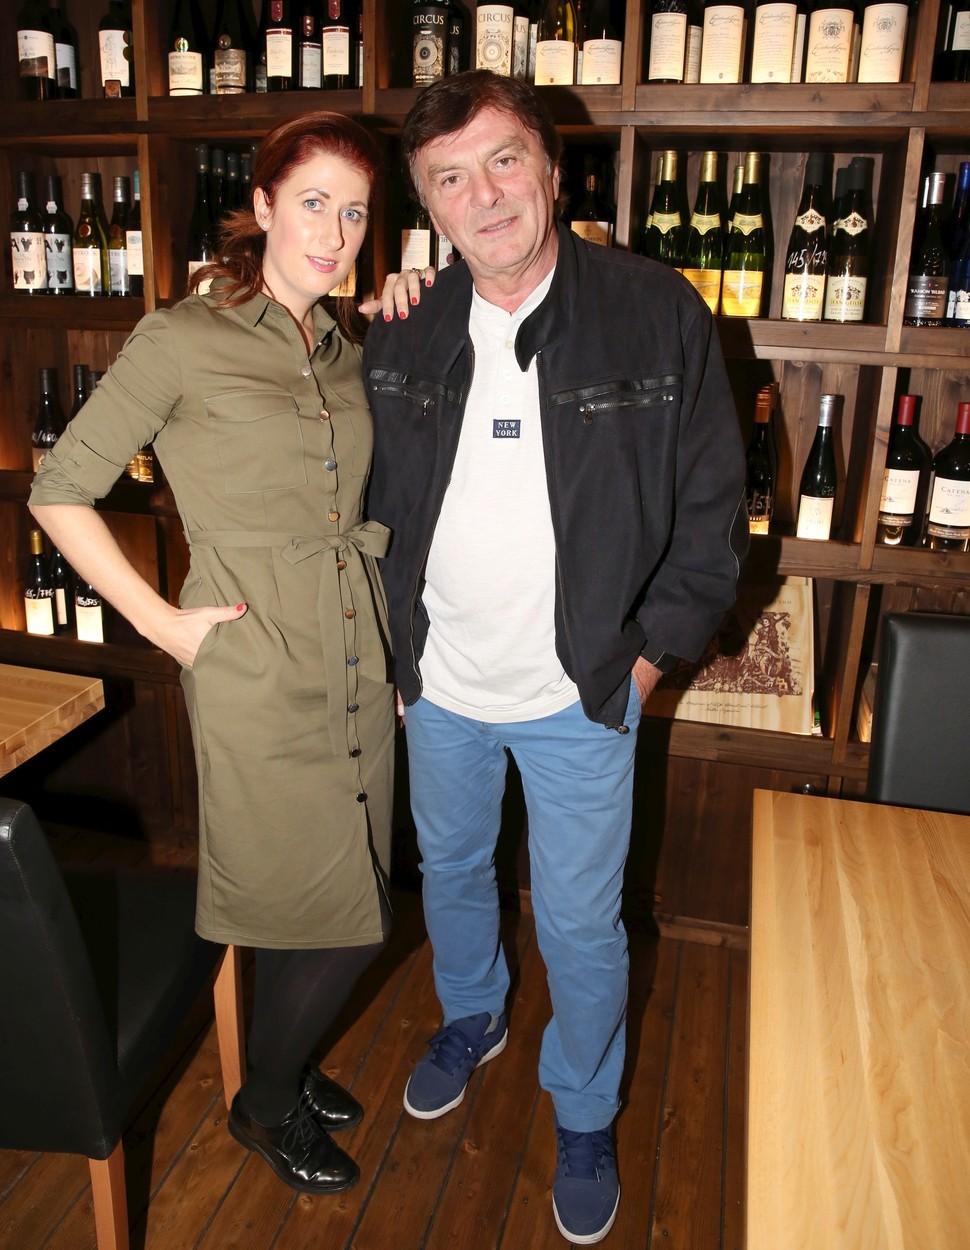 Pavel Trávníček (69) a Monika Fialková (34), rozdíl 35 let